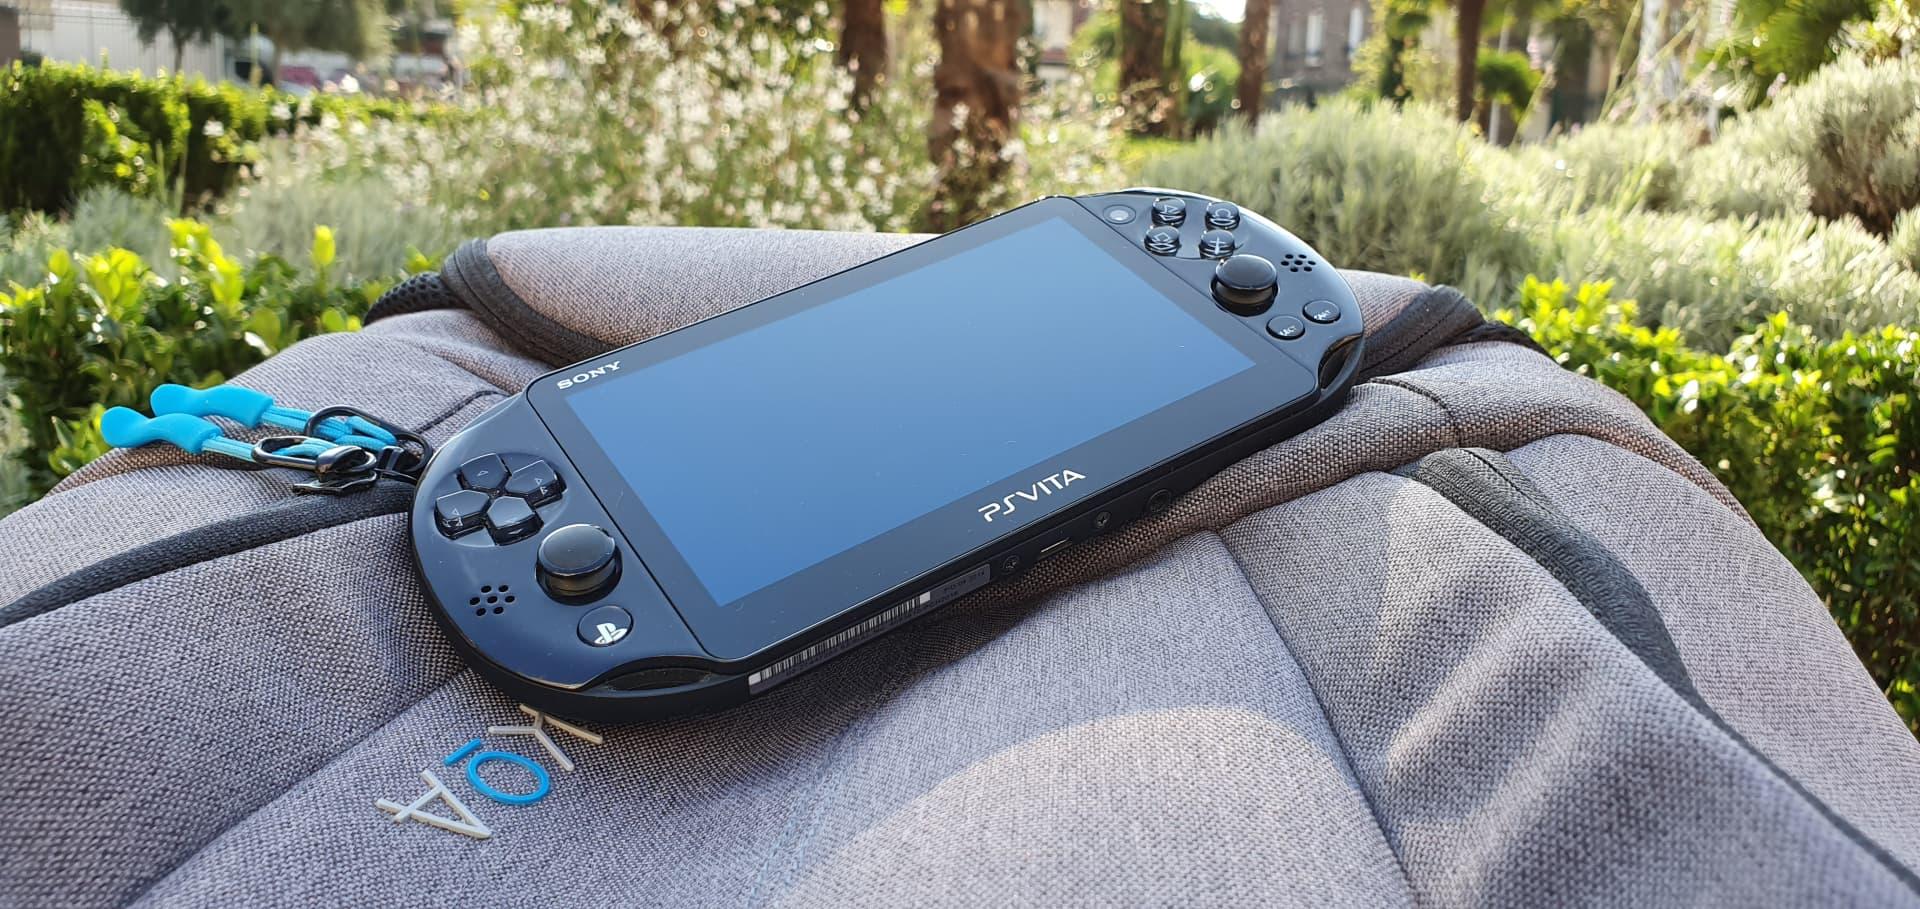 PS Vita dans un parc sur un sac